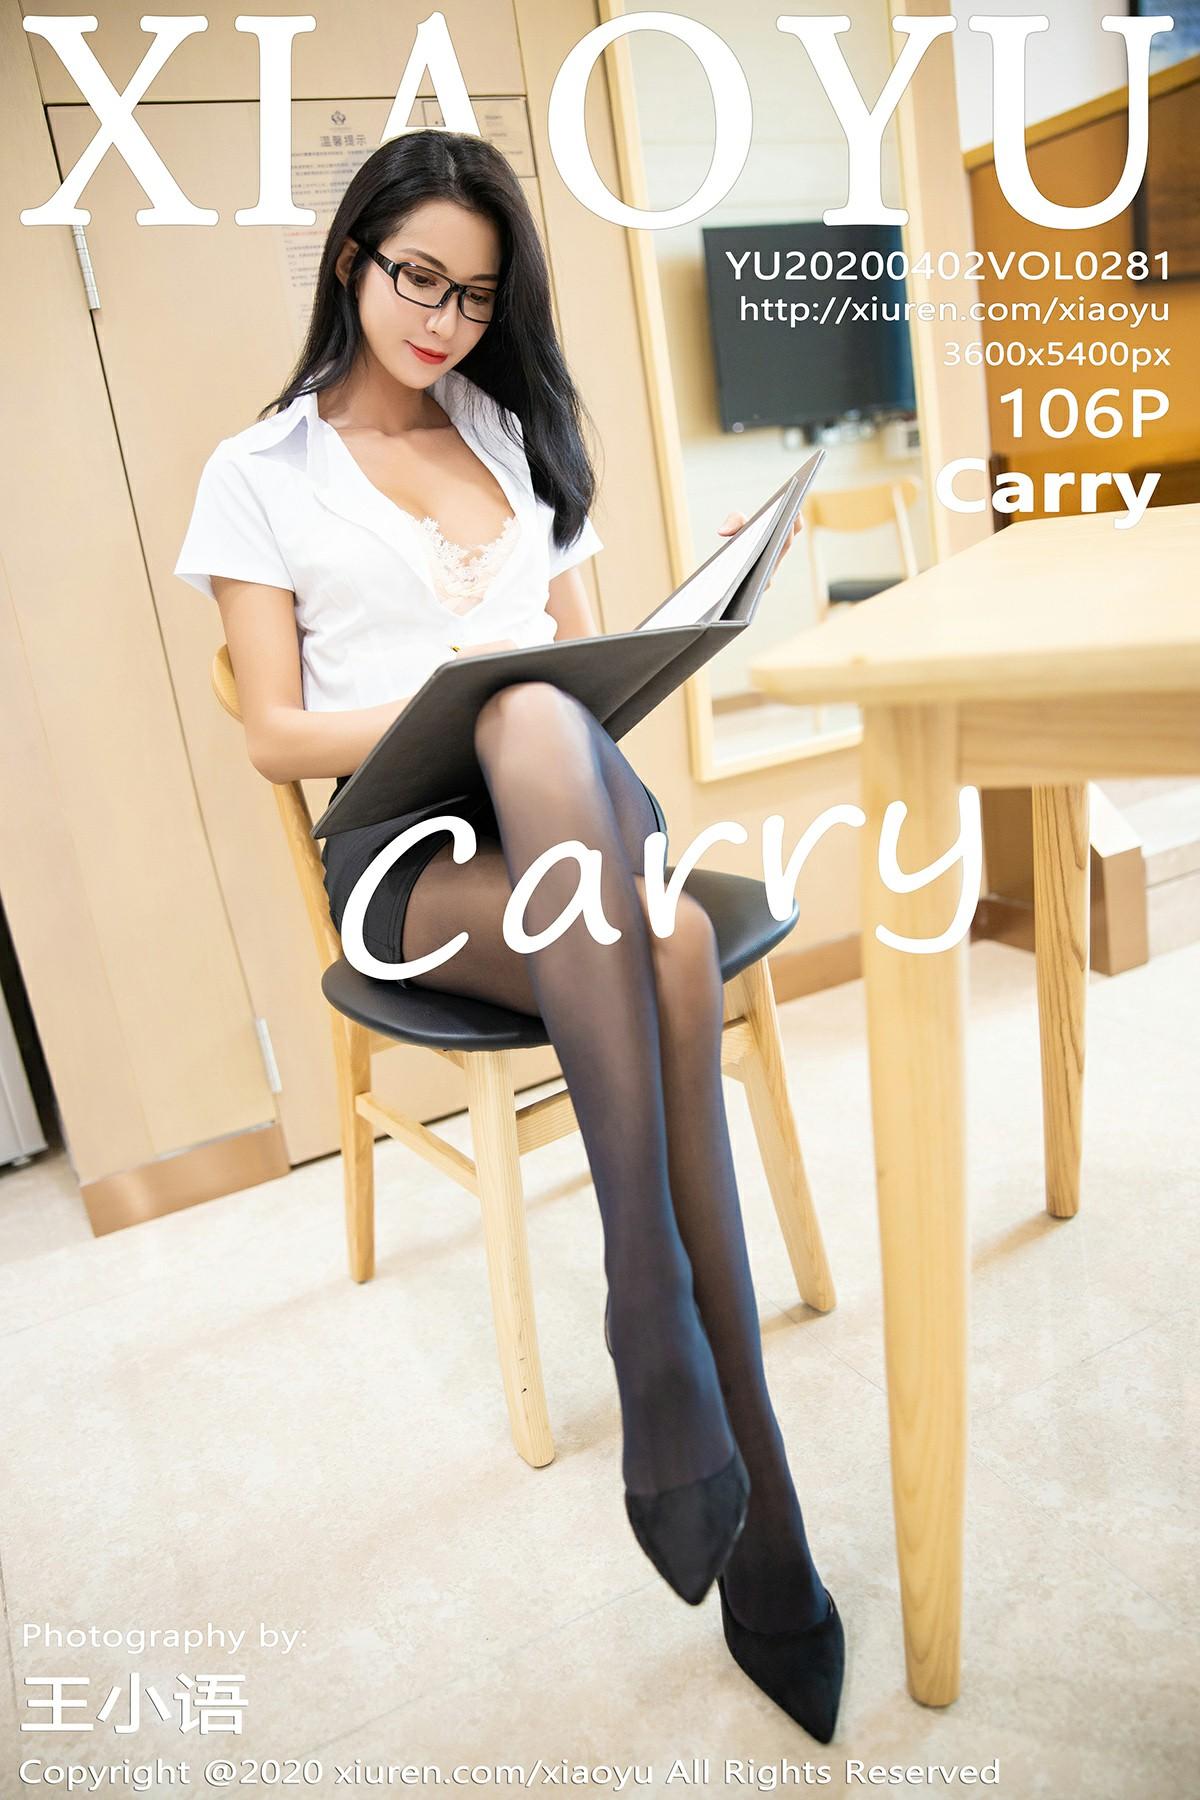 [XIAOYU语画界]2020.04.02 VOL.281 Carry[106P] 语画界 第1张